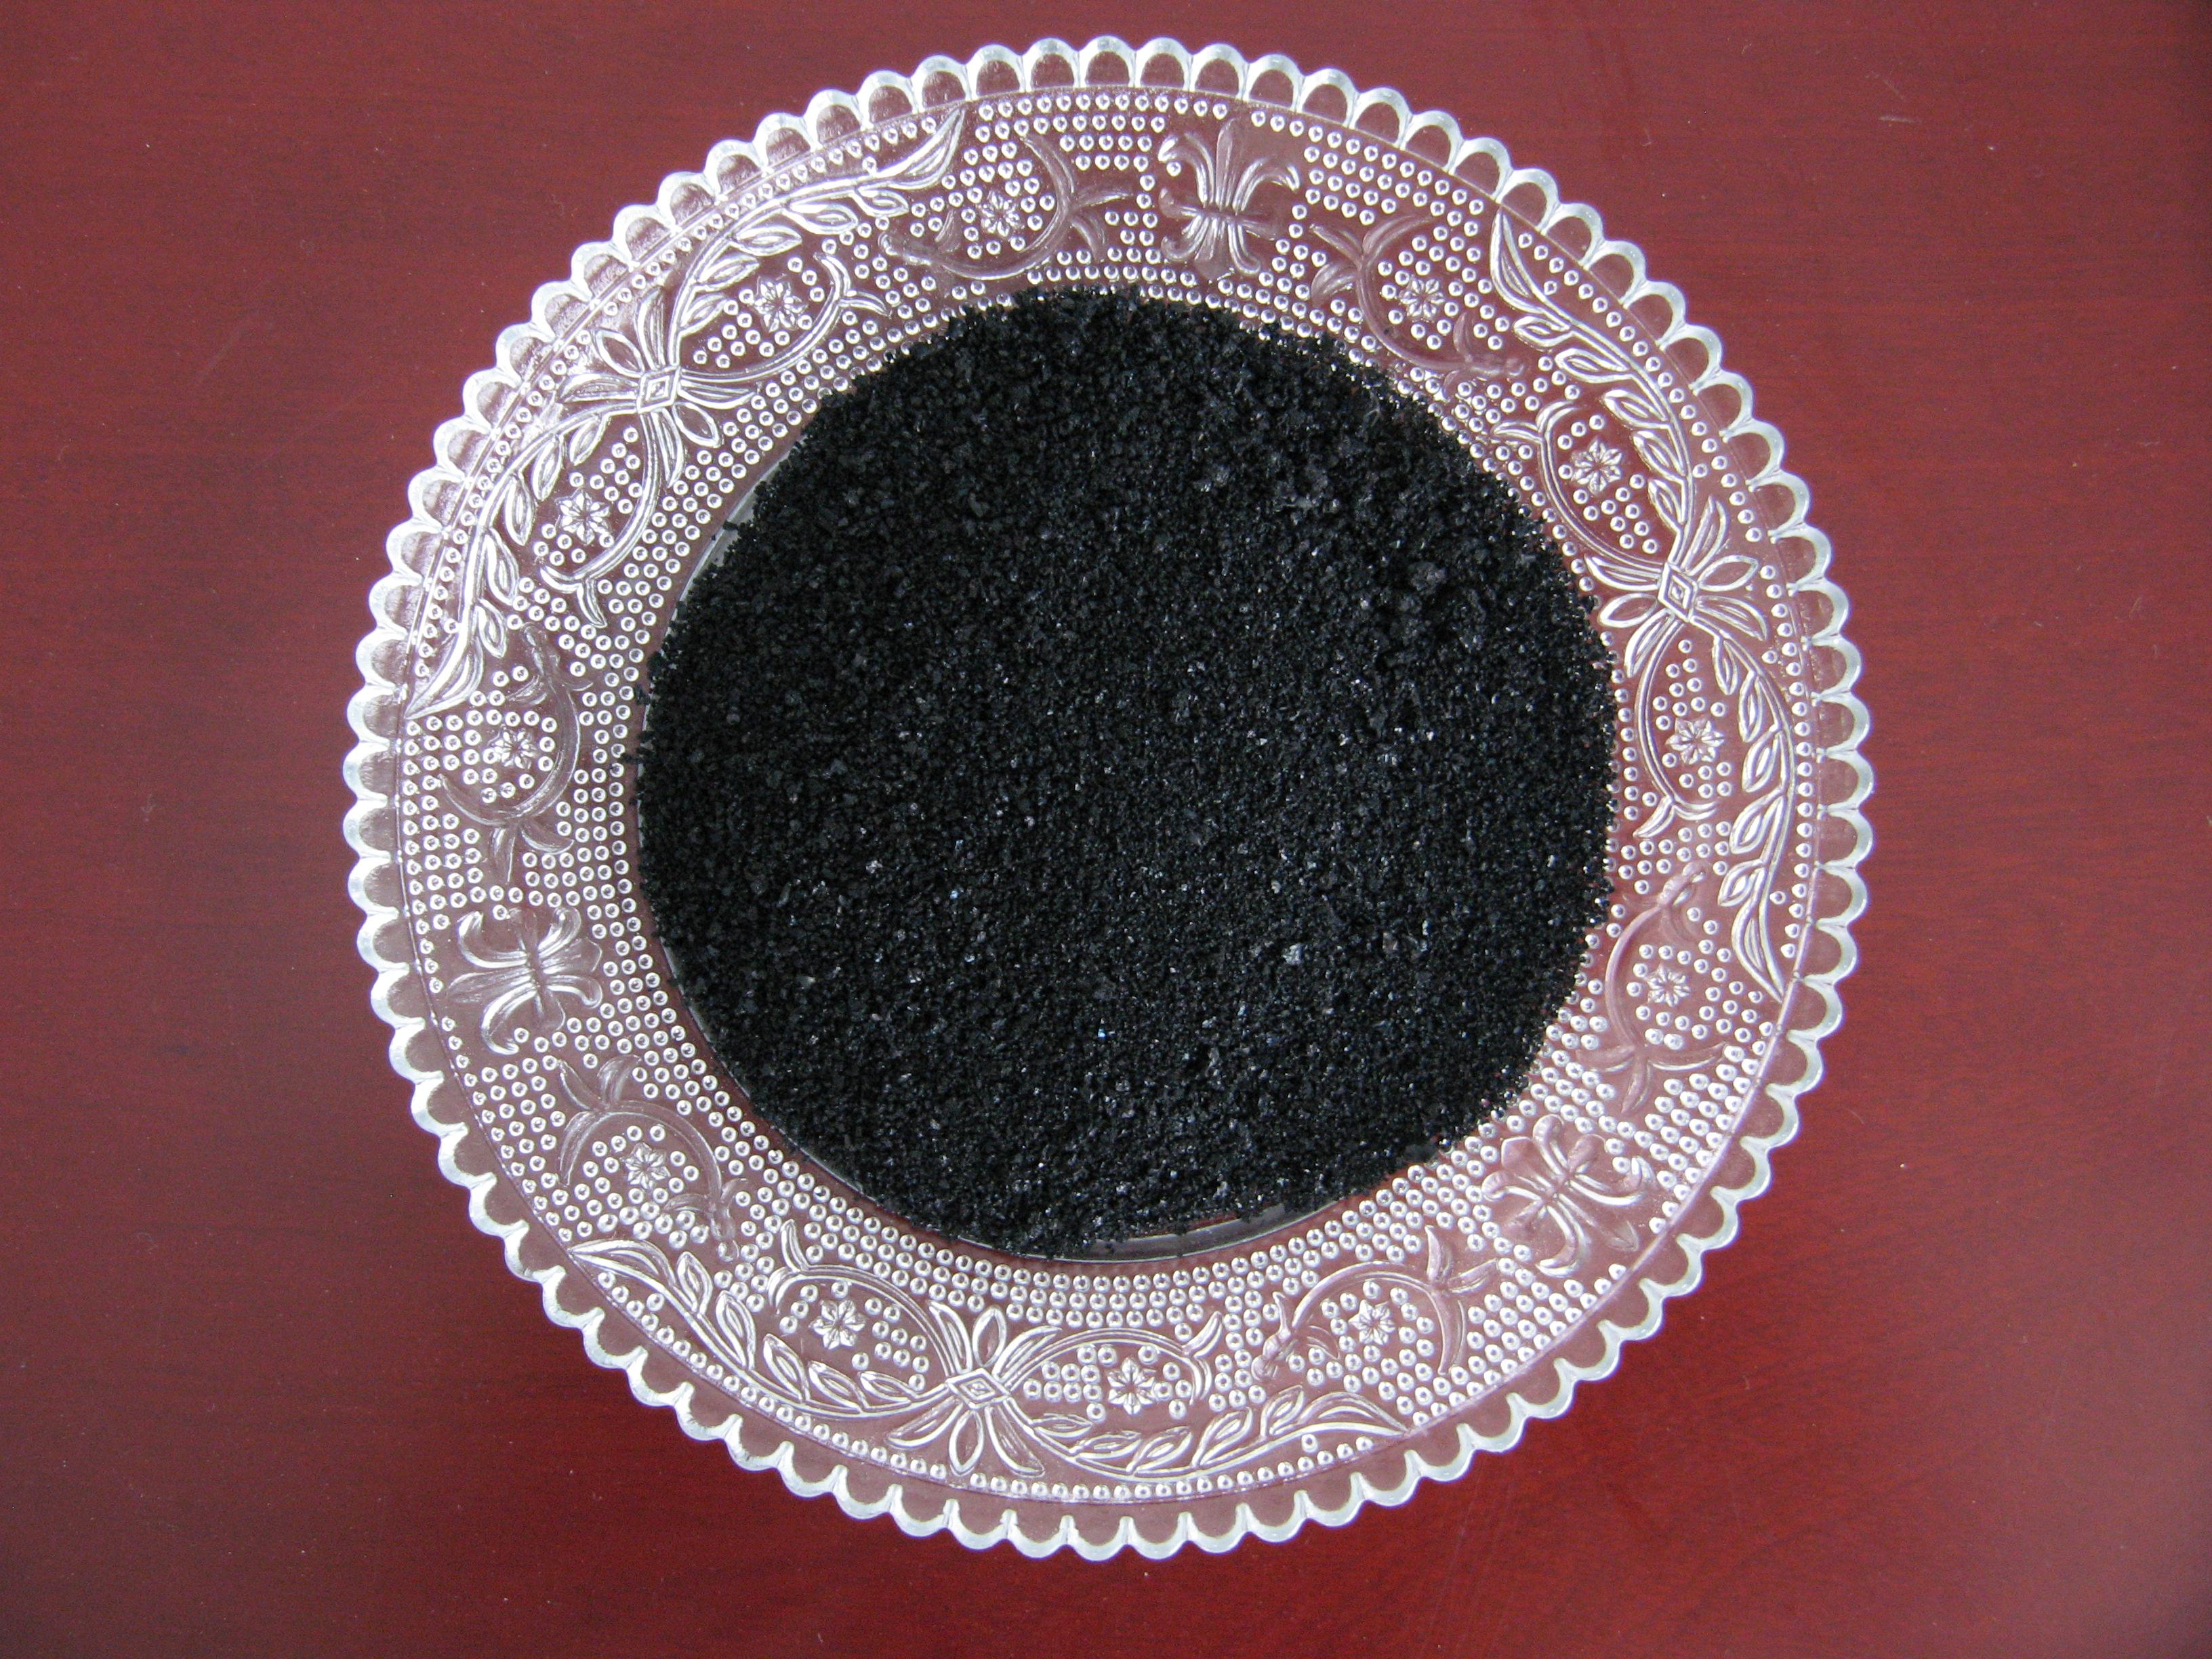 sulphur black manufacture